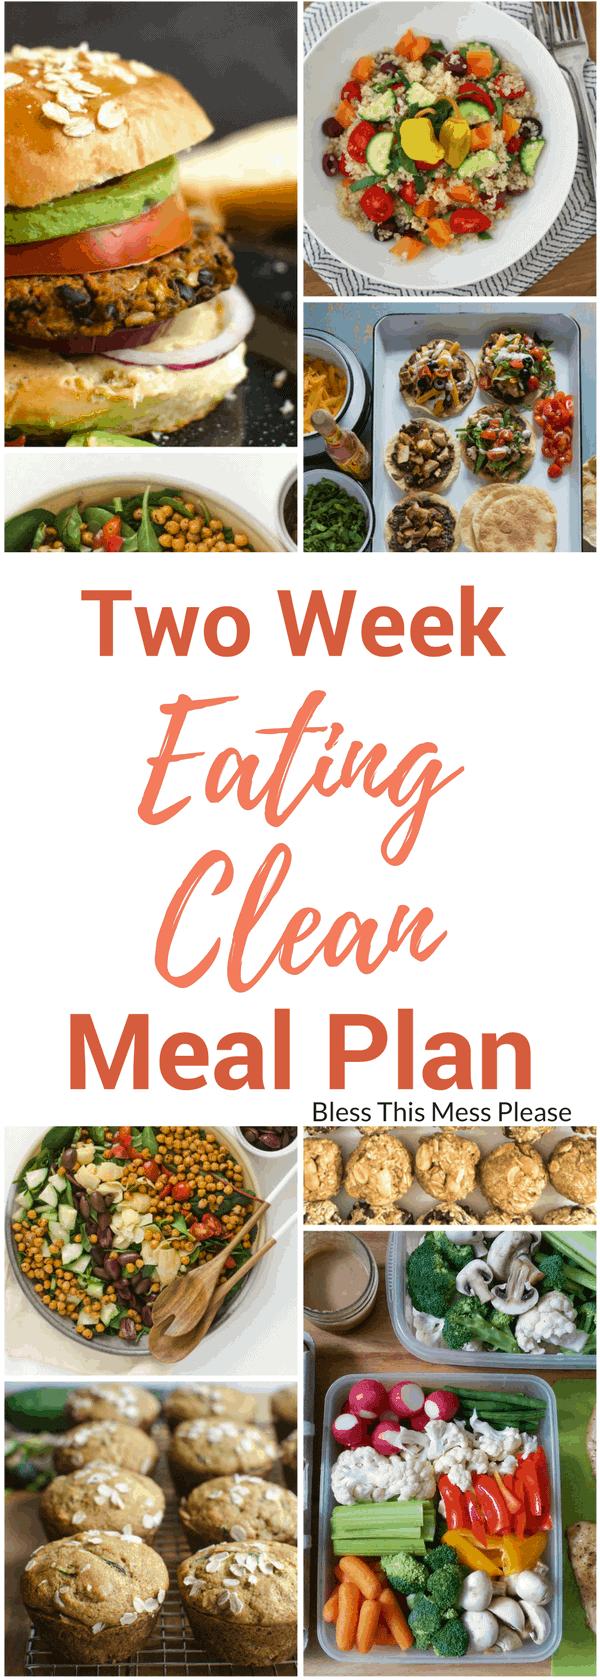 Eating Clean Meal Plan